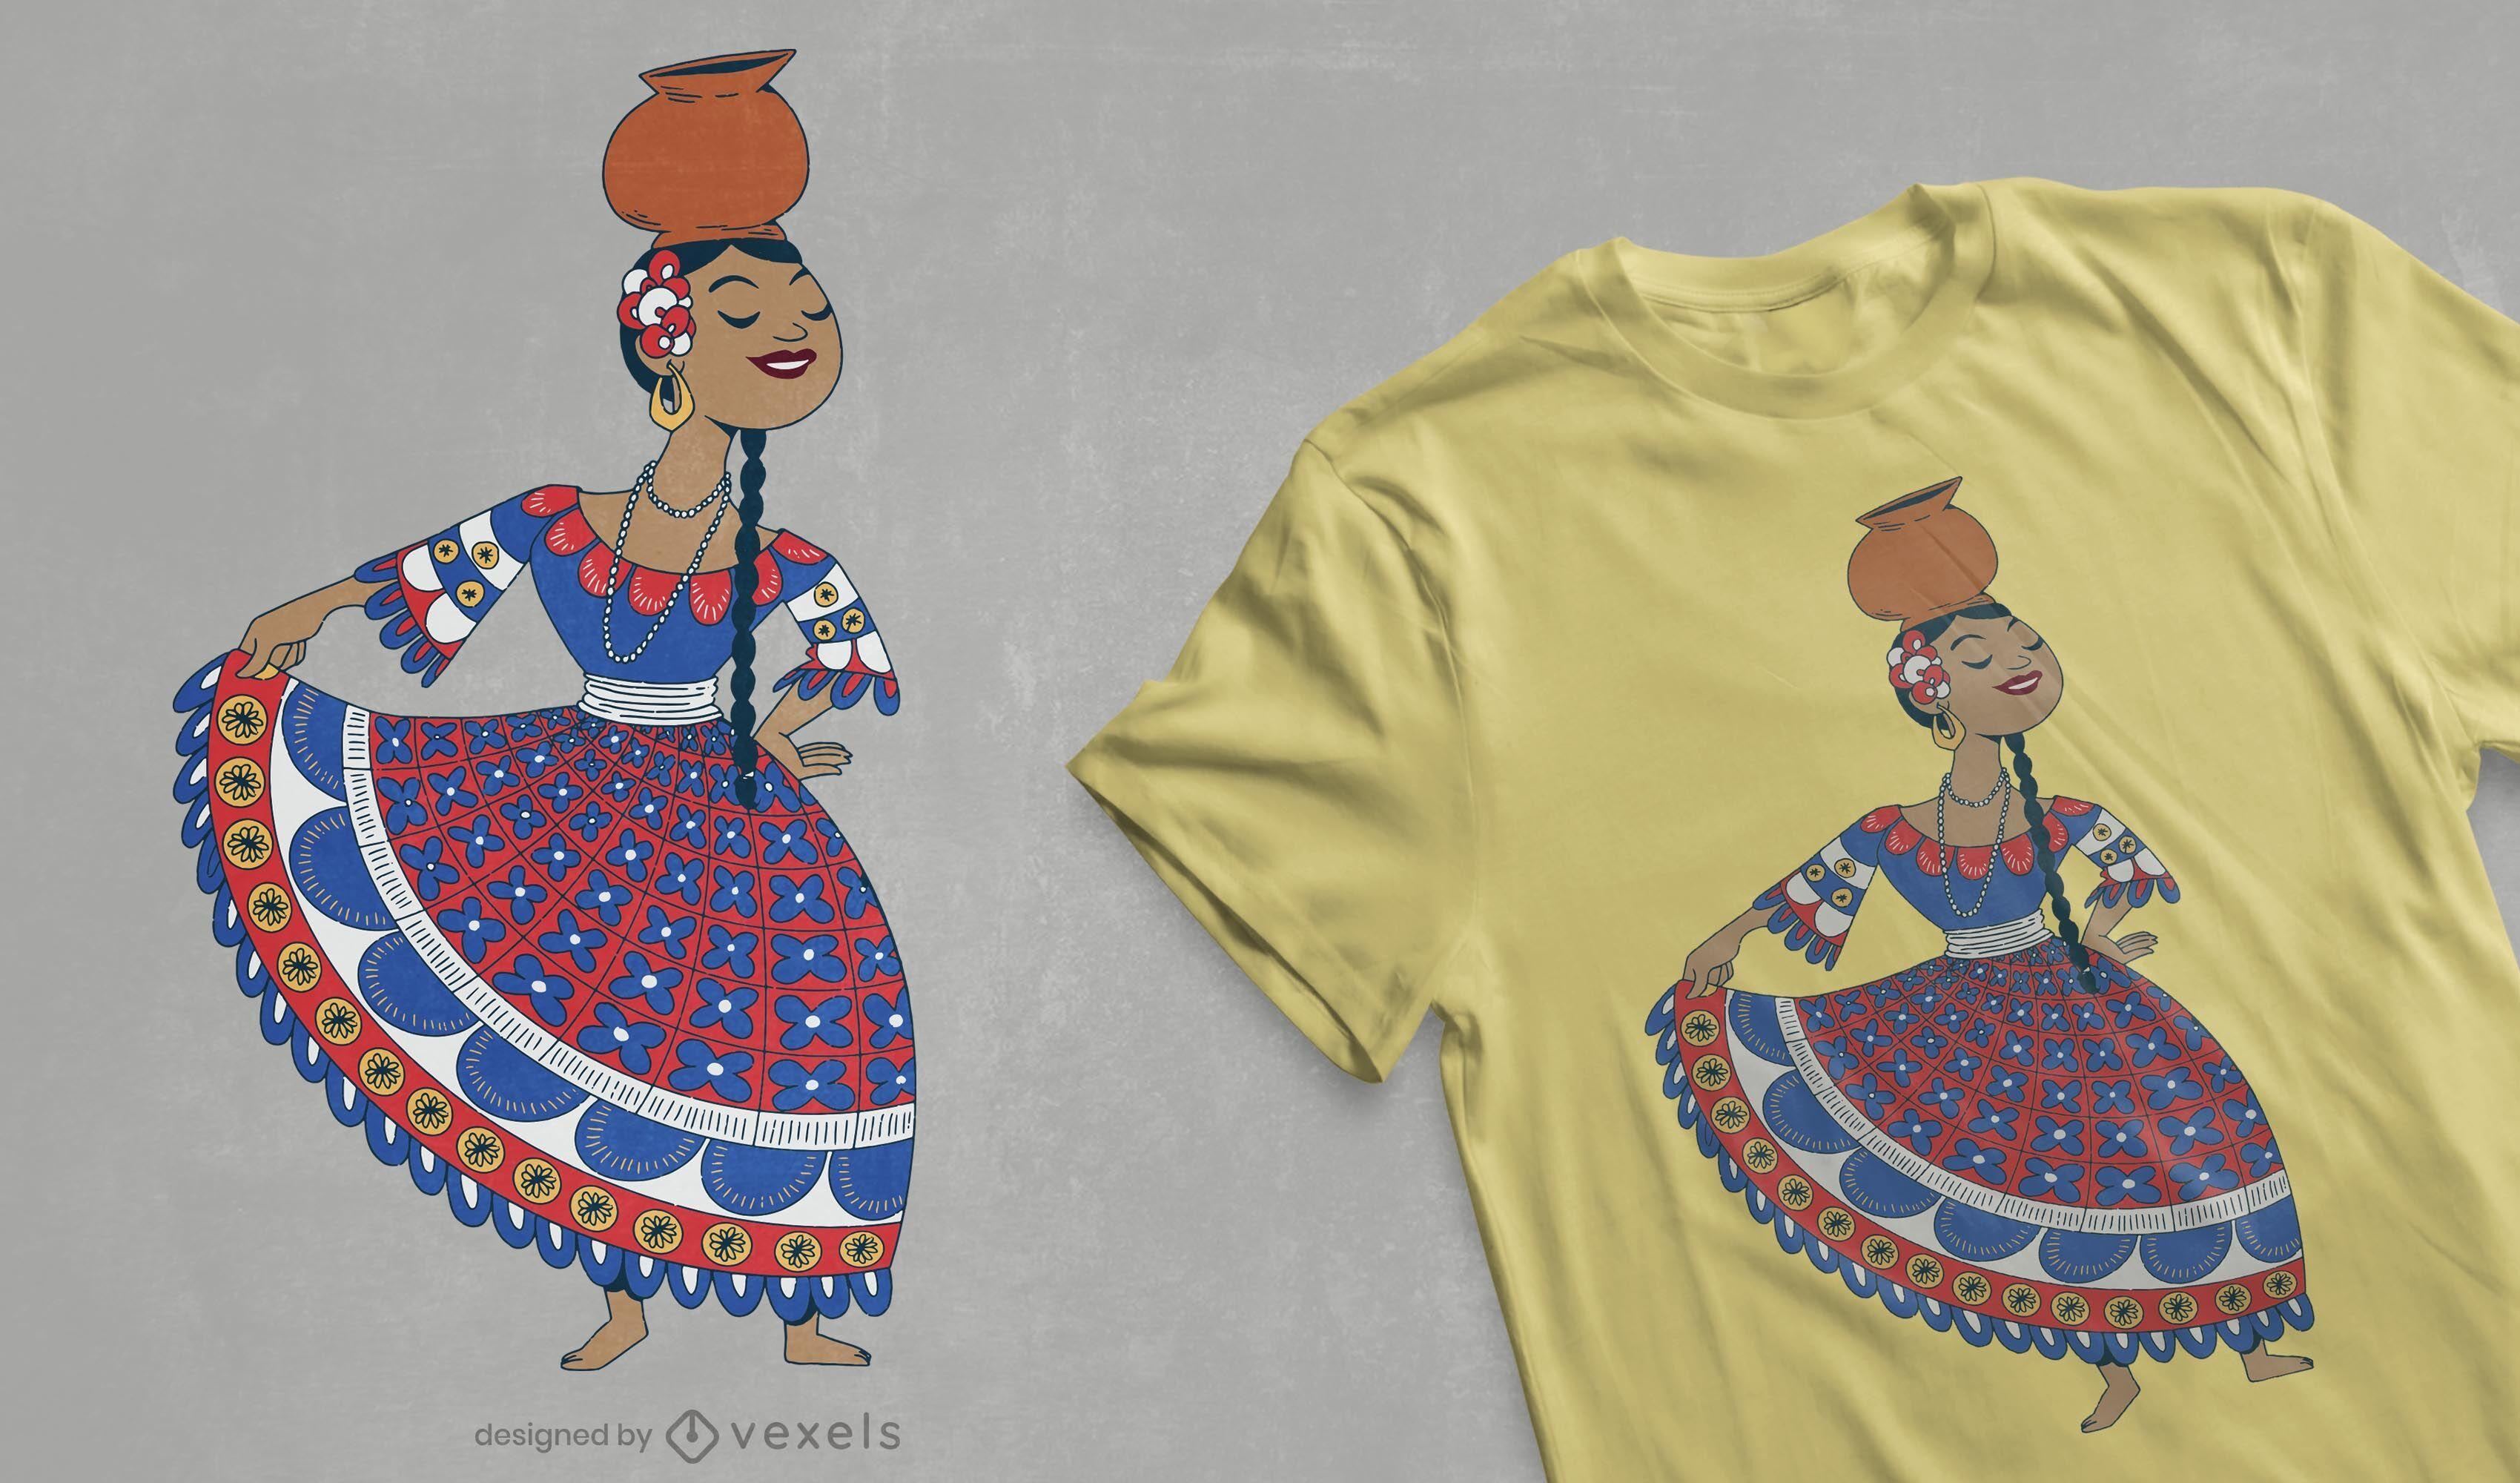 Paraguayan dancer t-shirt design